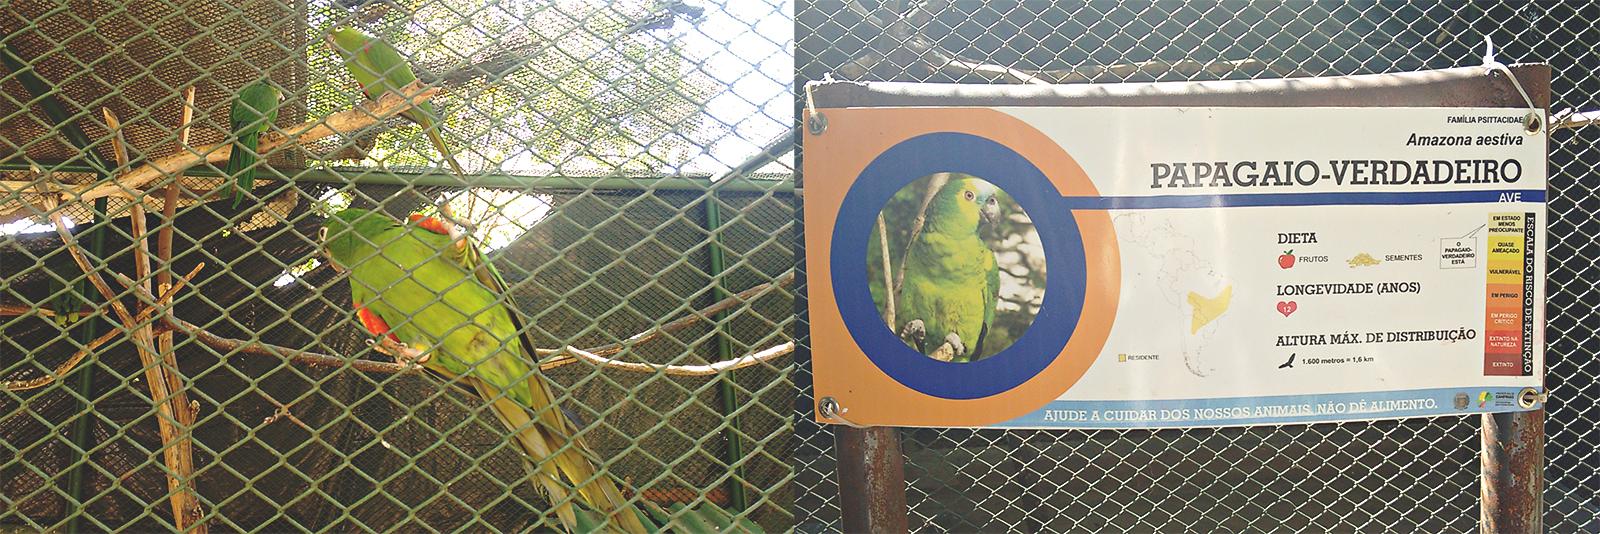 papagaio verde gaiola